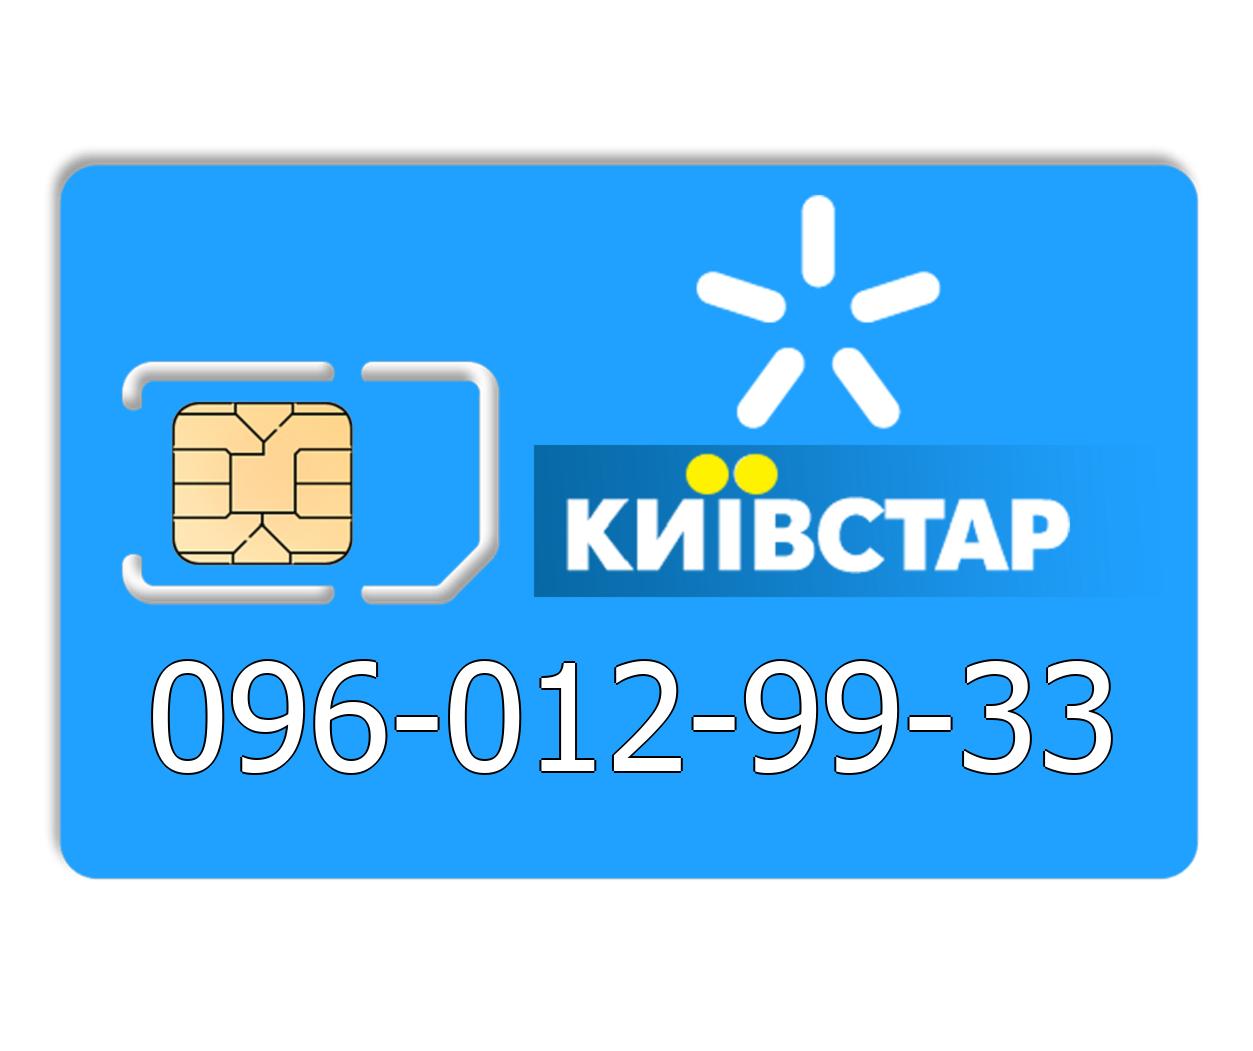 Красивый номер Киевстар 096-012-99-33